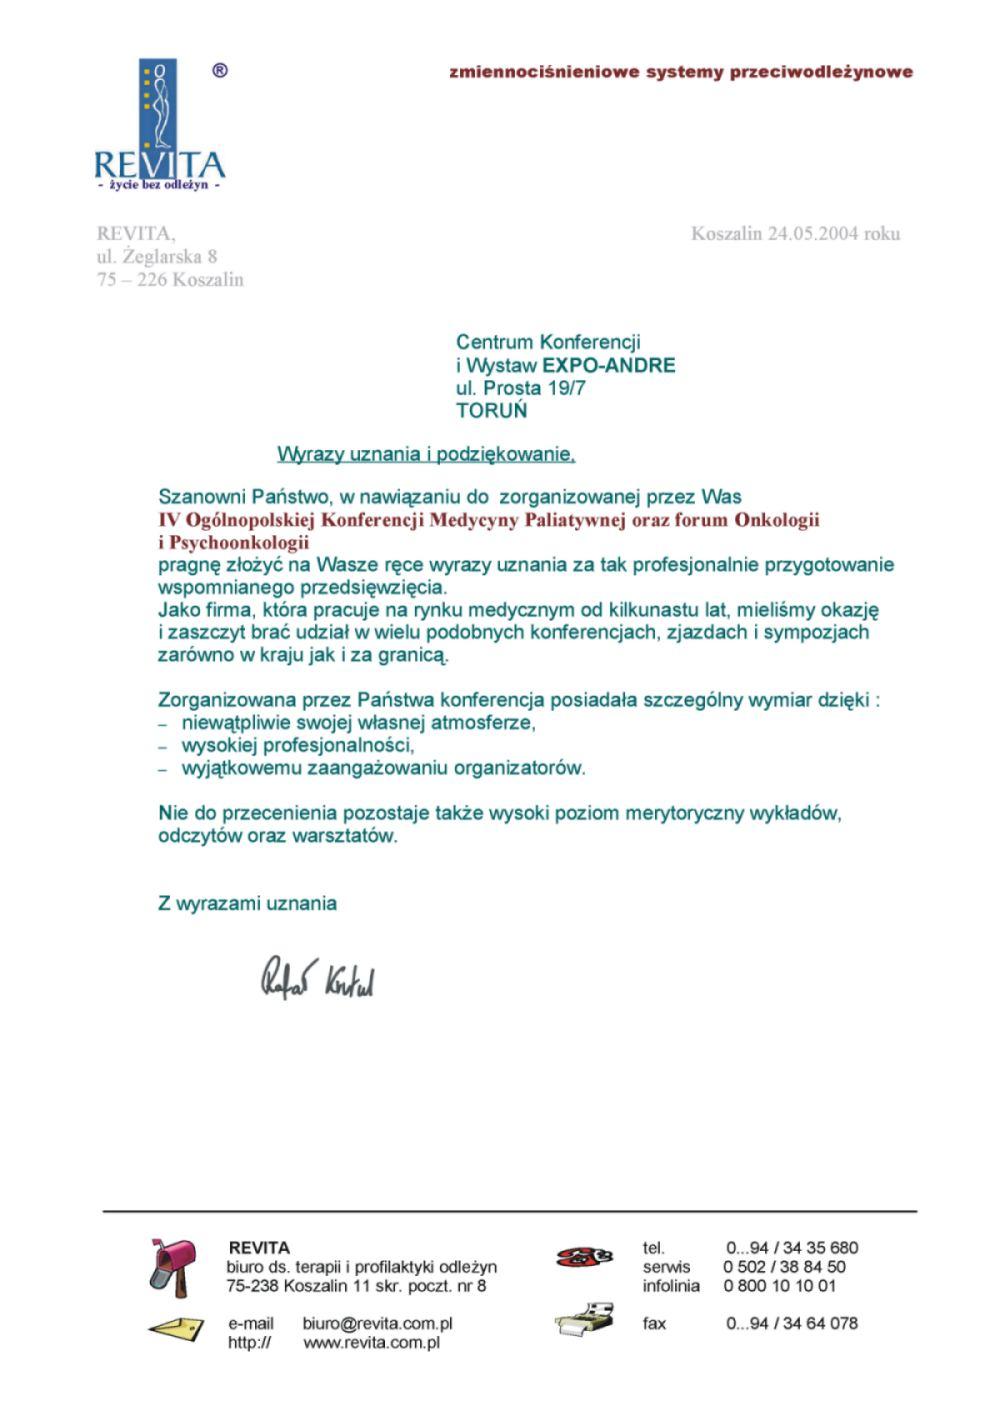 Podziękowania - Okręgowa Izba Pielęgniarek i Położnych w Toruniu; Zespół Opieki Paliatywnej im. Jana Pawła II Hospicjum Światło